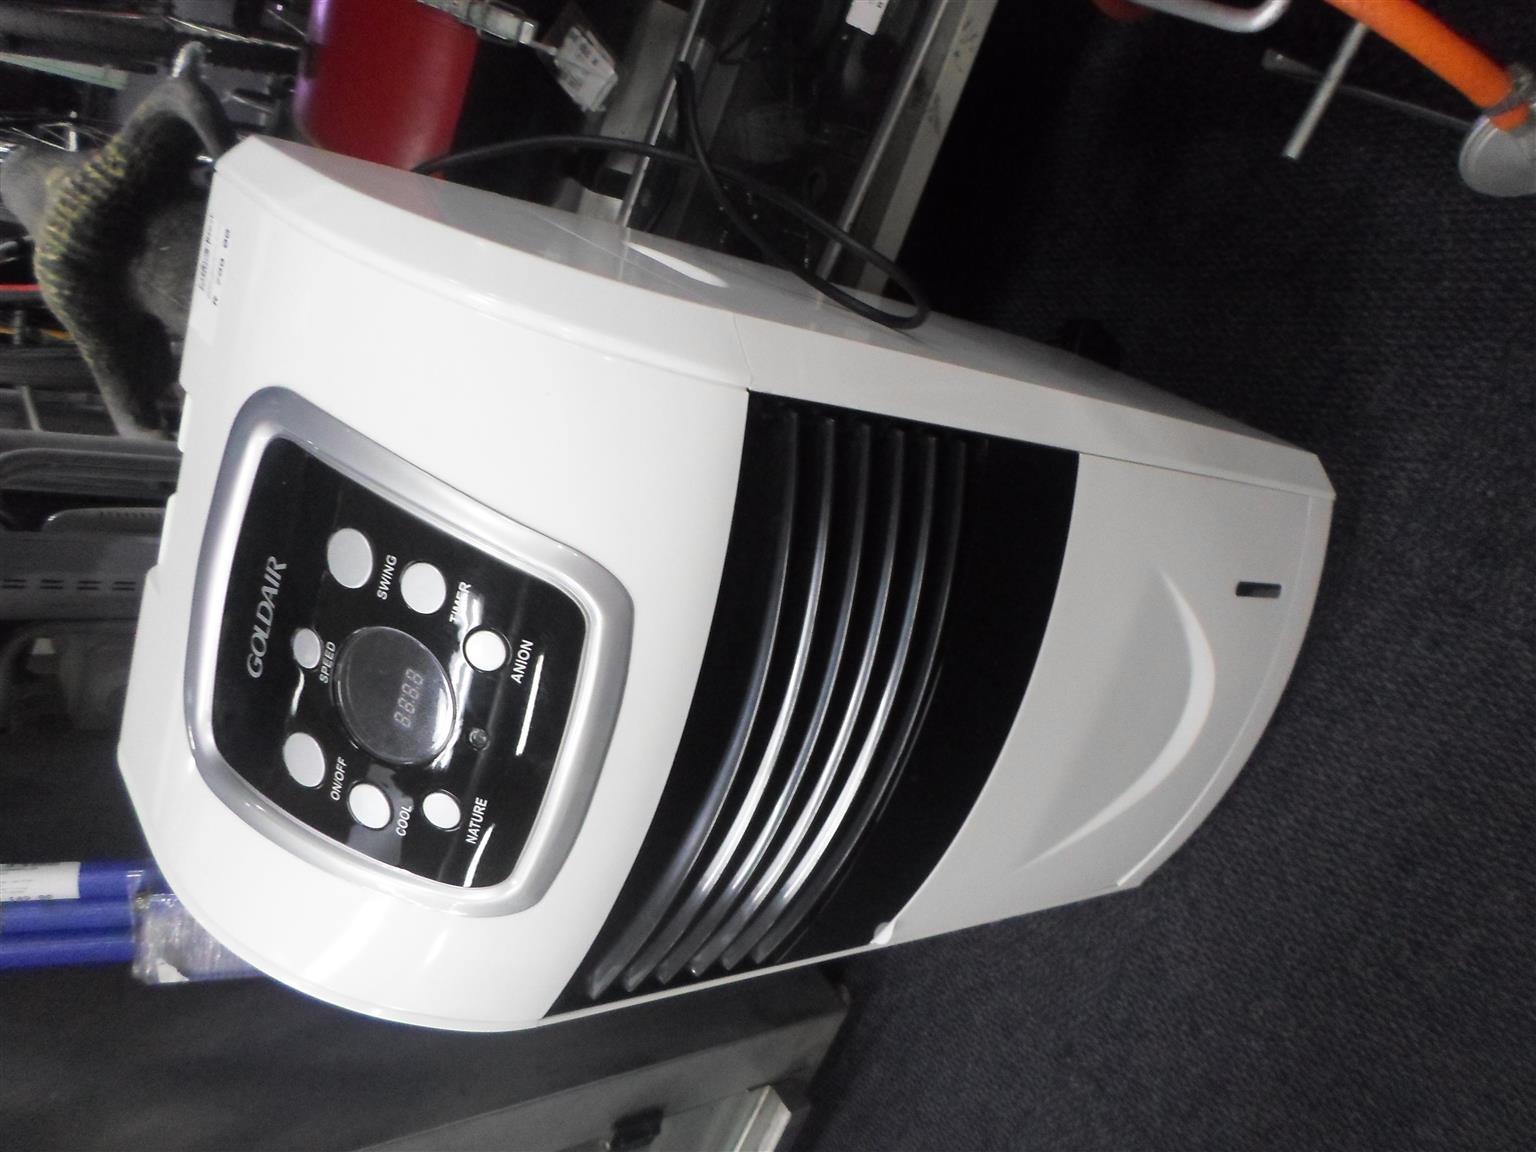 Goldair GAC-700W Portable Air Cooler